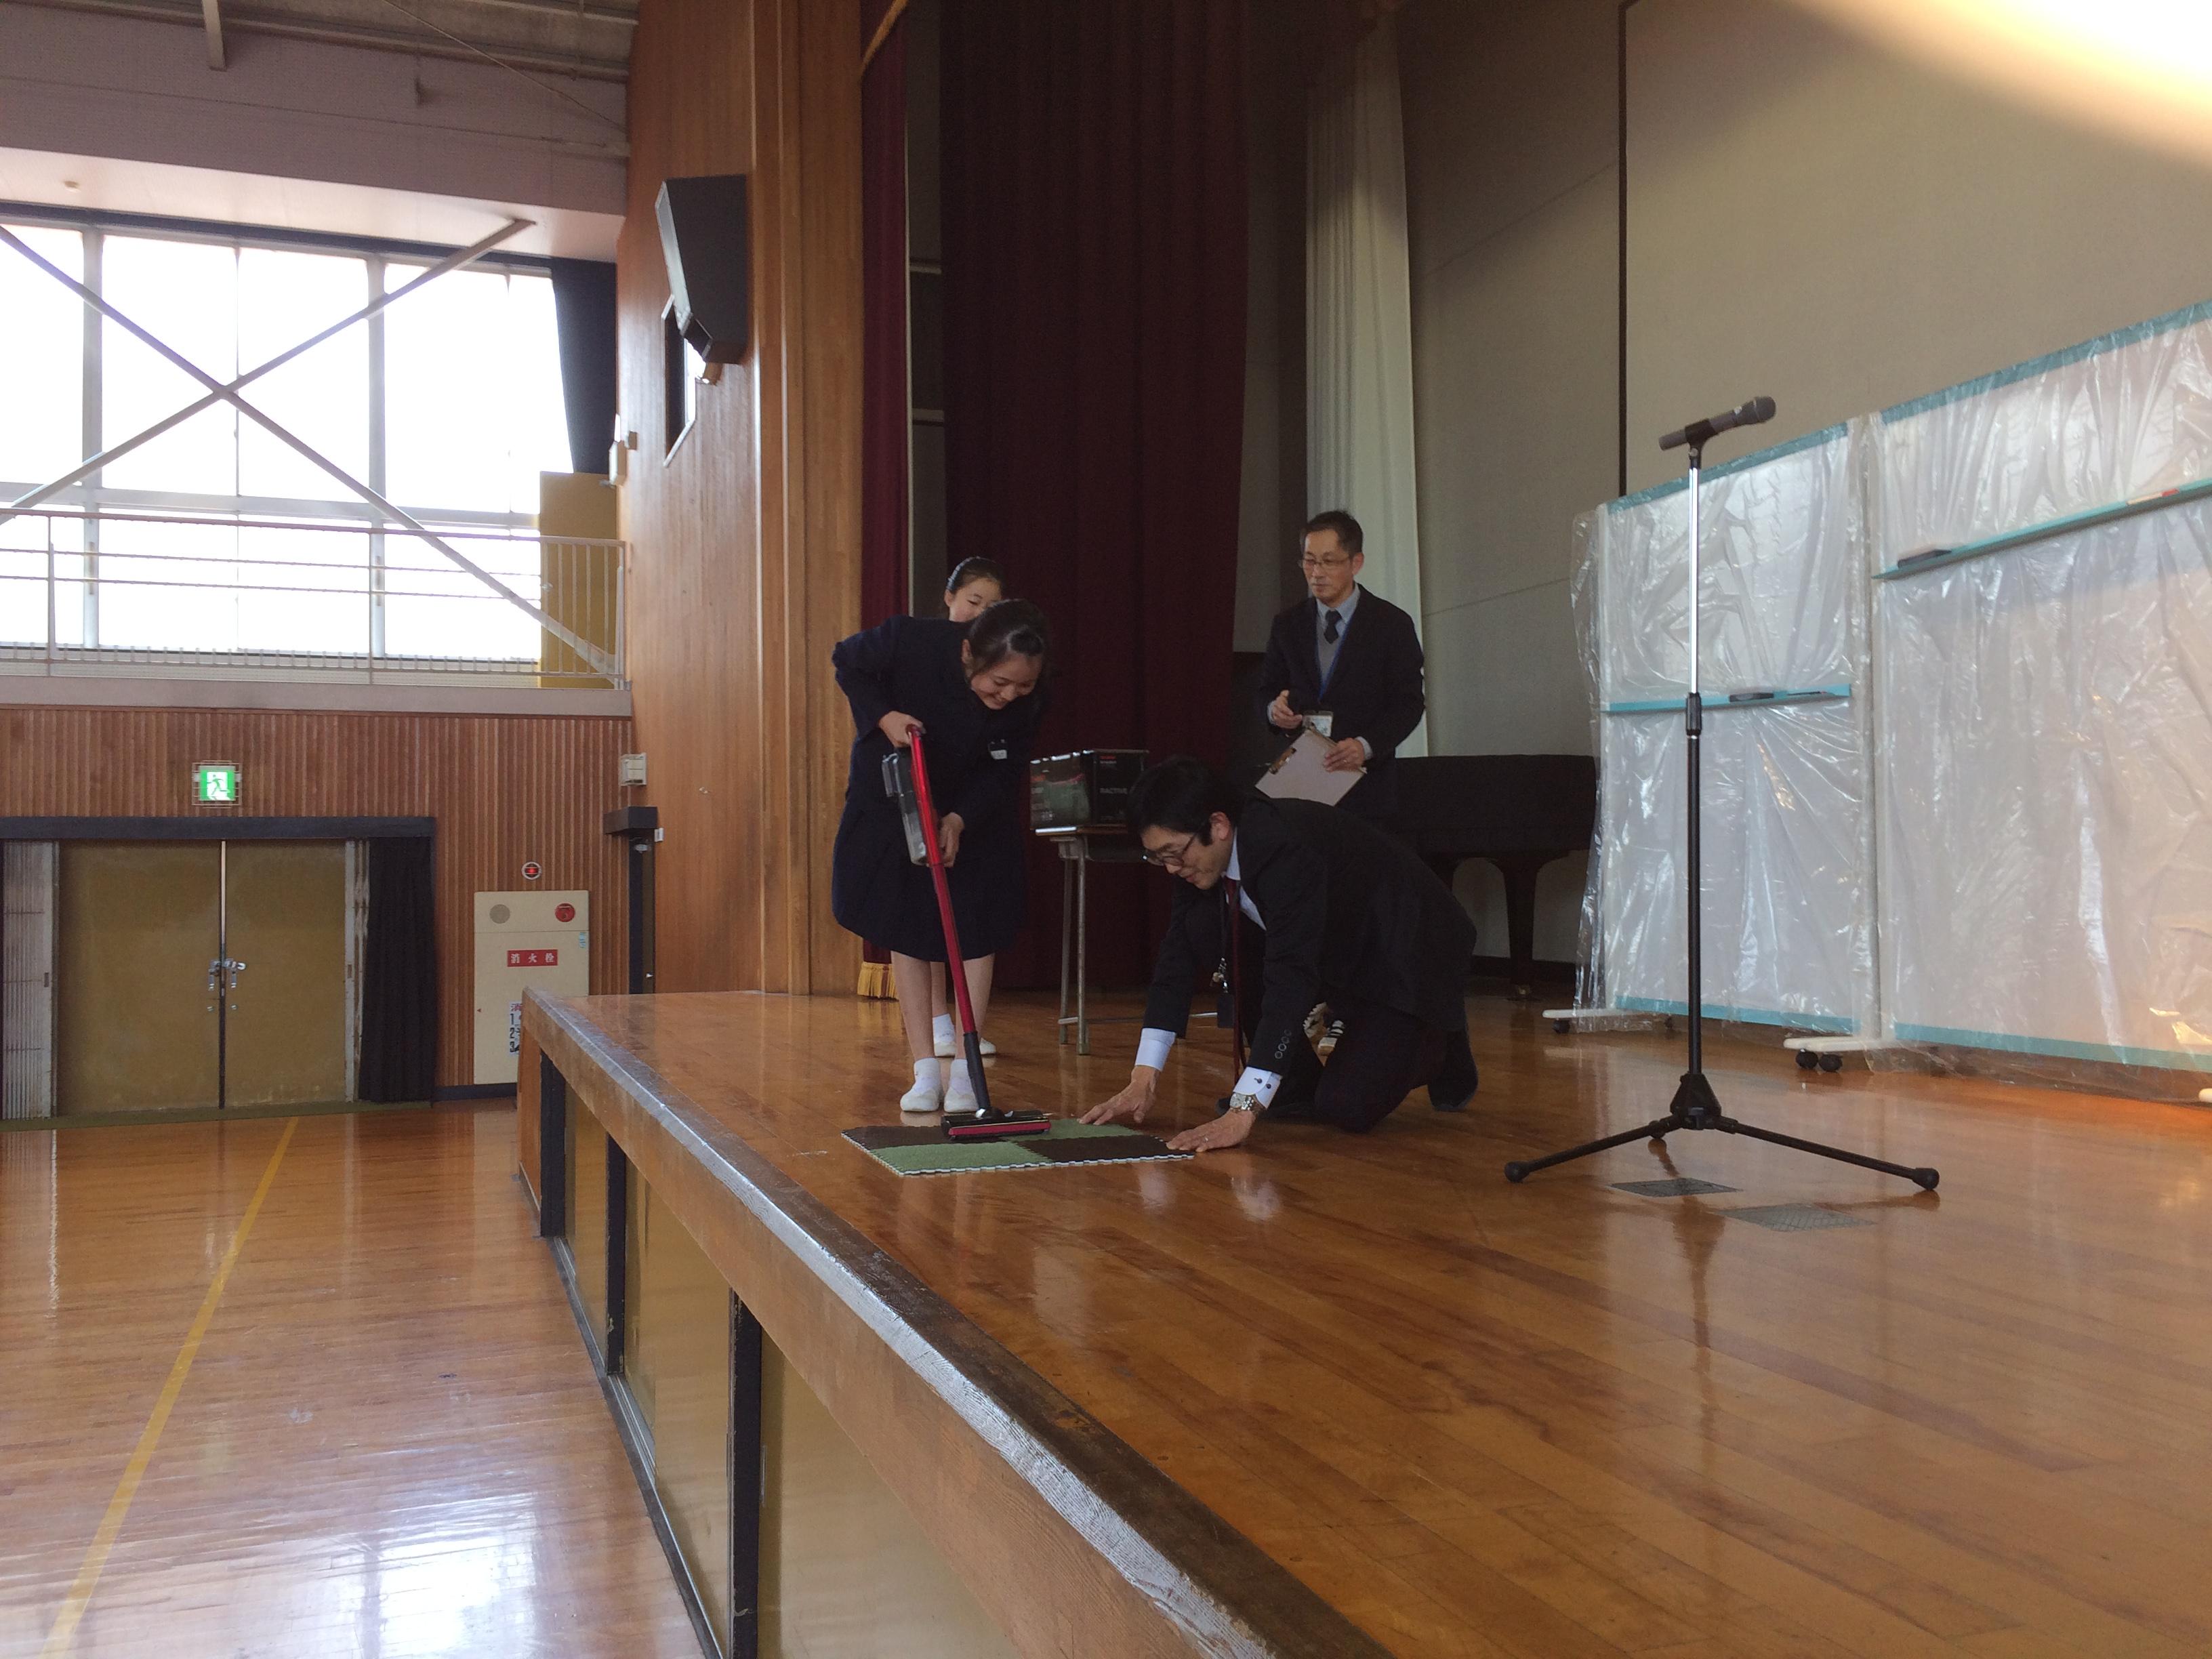 浦安小学校様に寄贈品を贈呈しました。